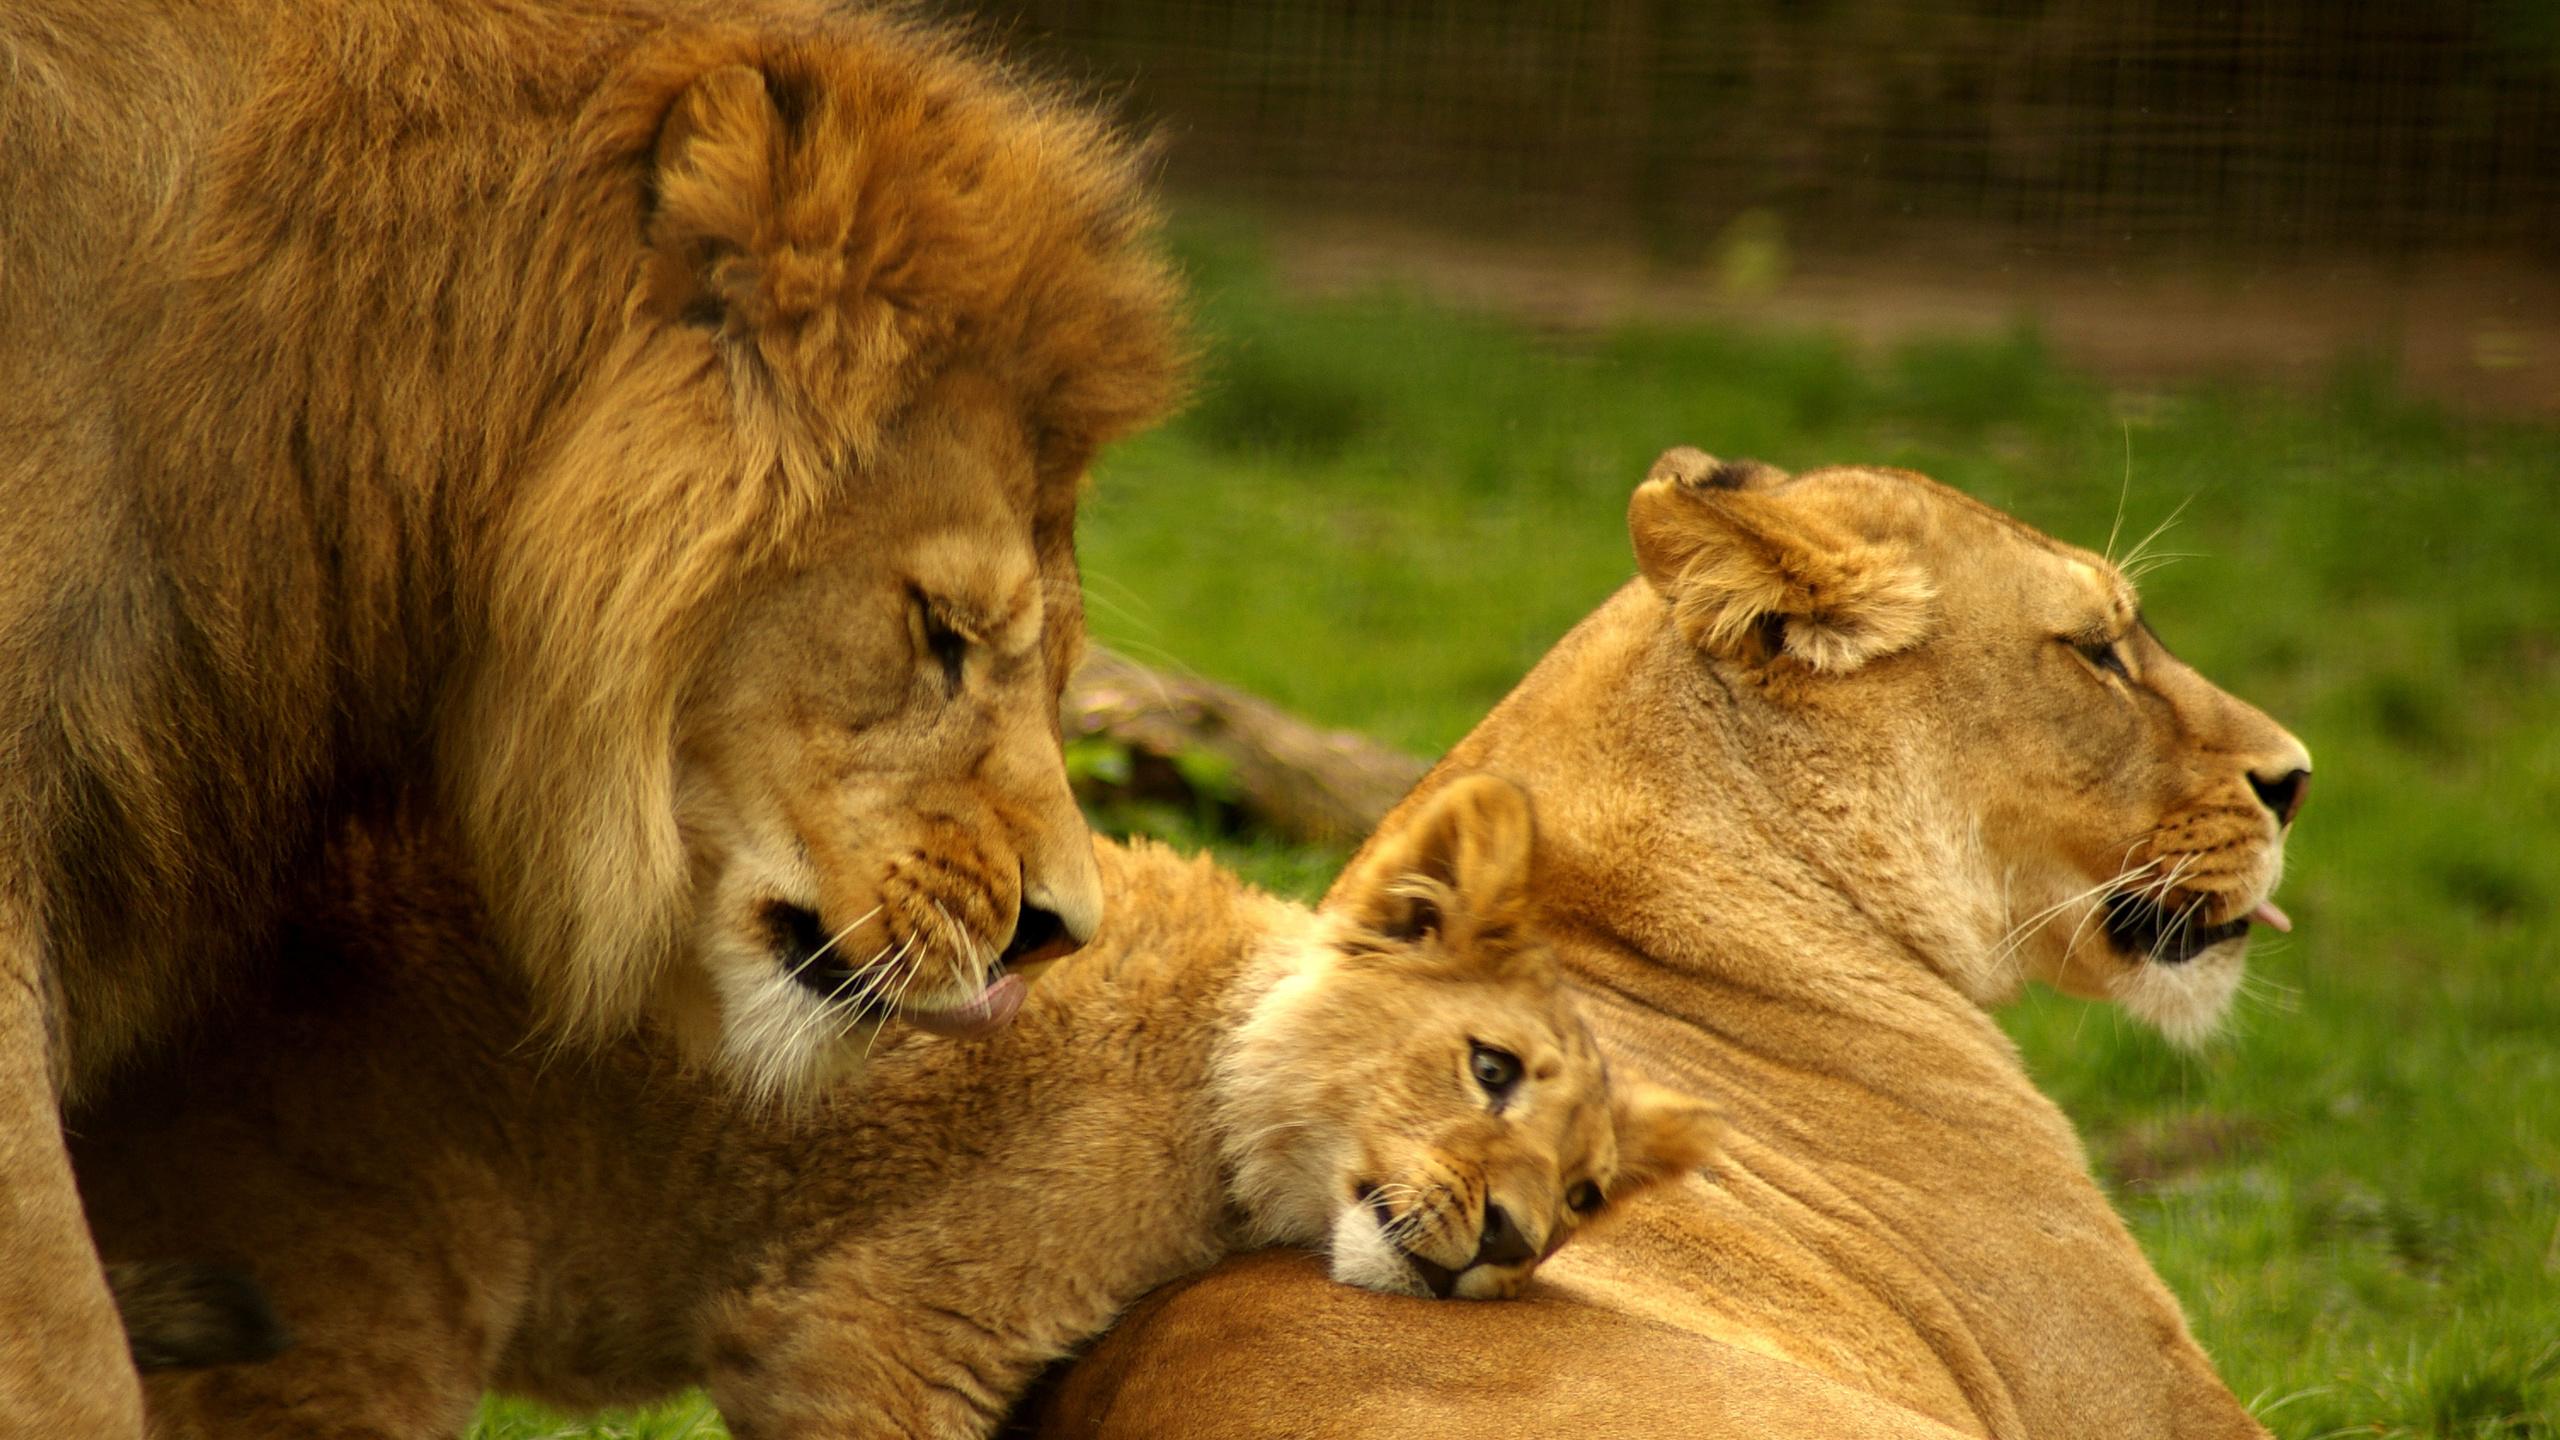 Милые картинки с животными про любовь с надписями со смыслом, картинка